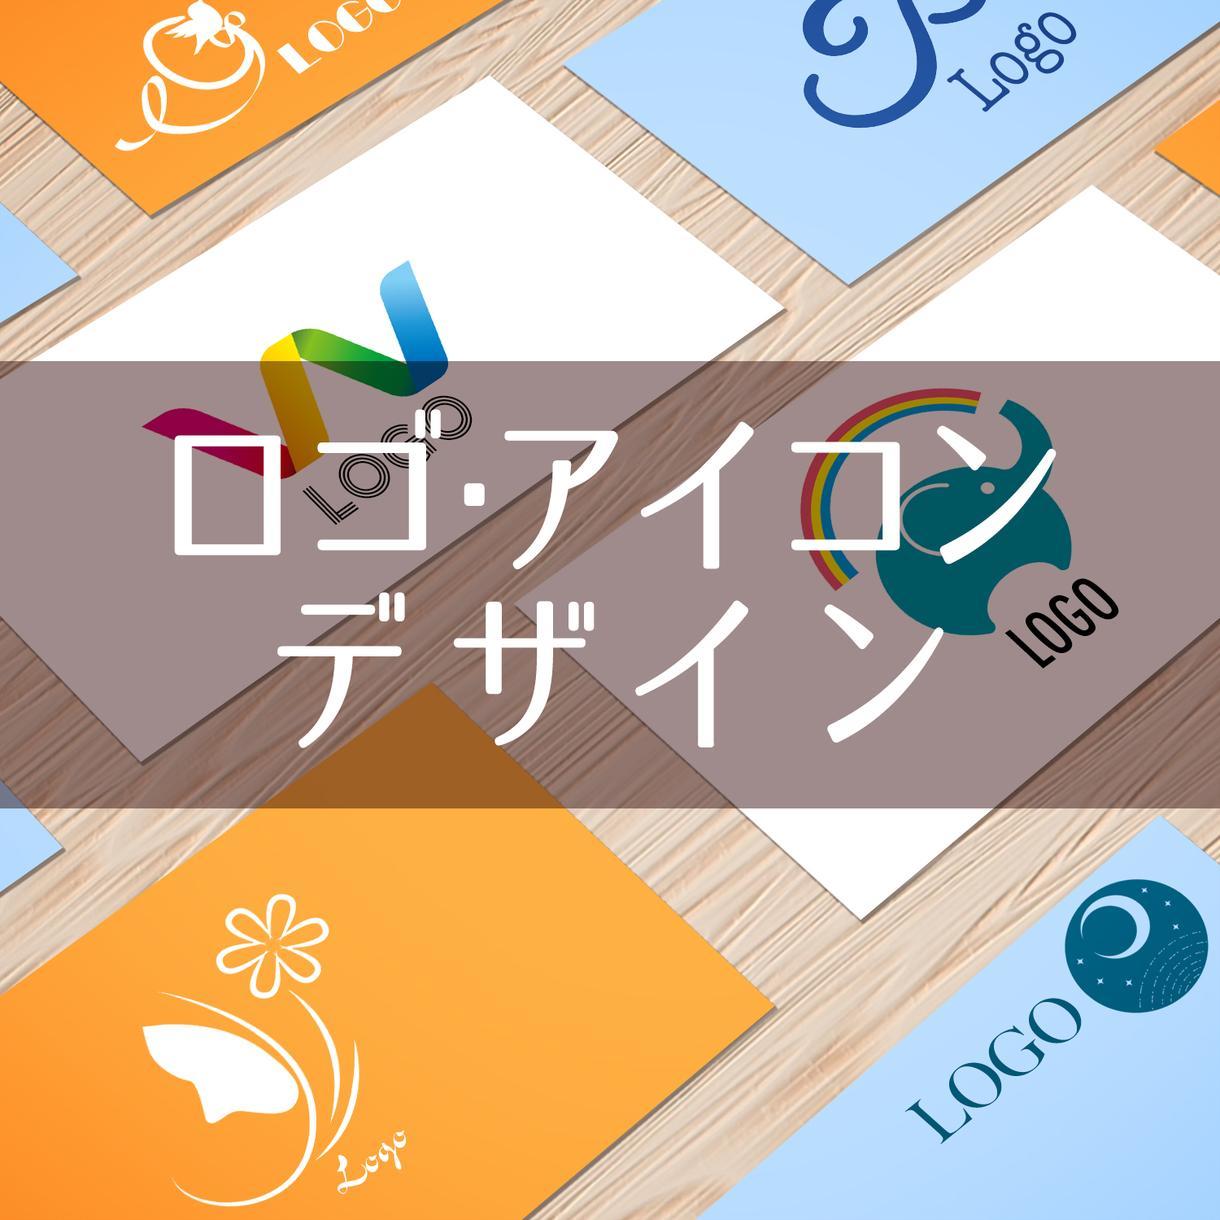 ロゴマークやアプリアイコンデザインします シンプル・スッキリなデザインいたします